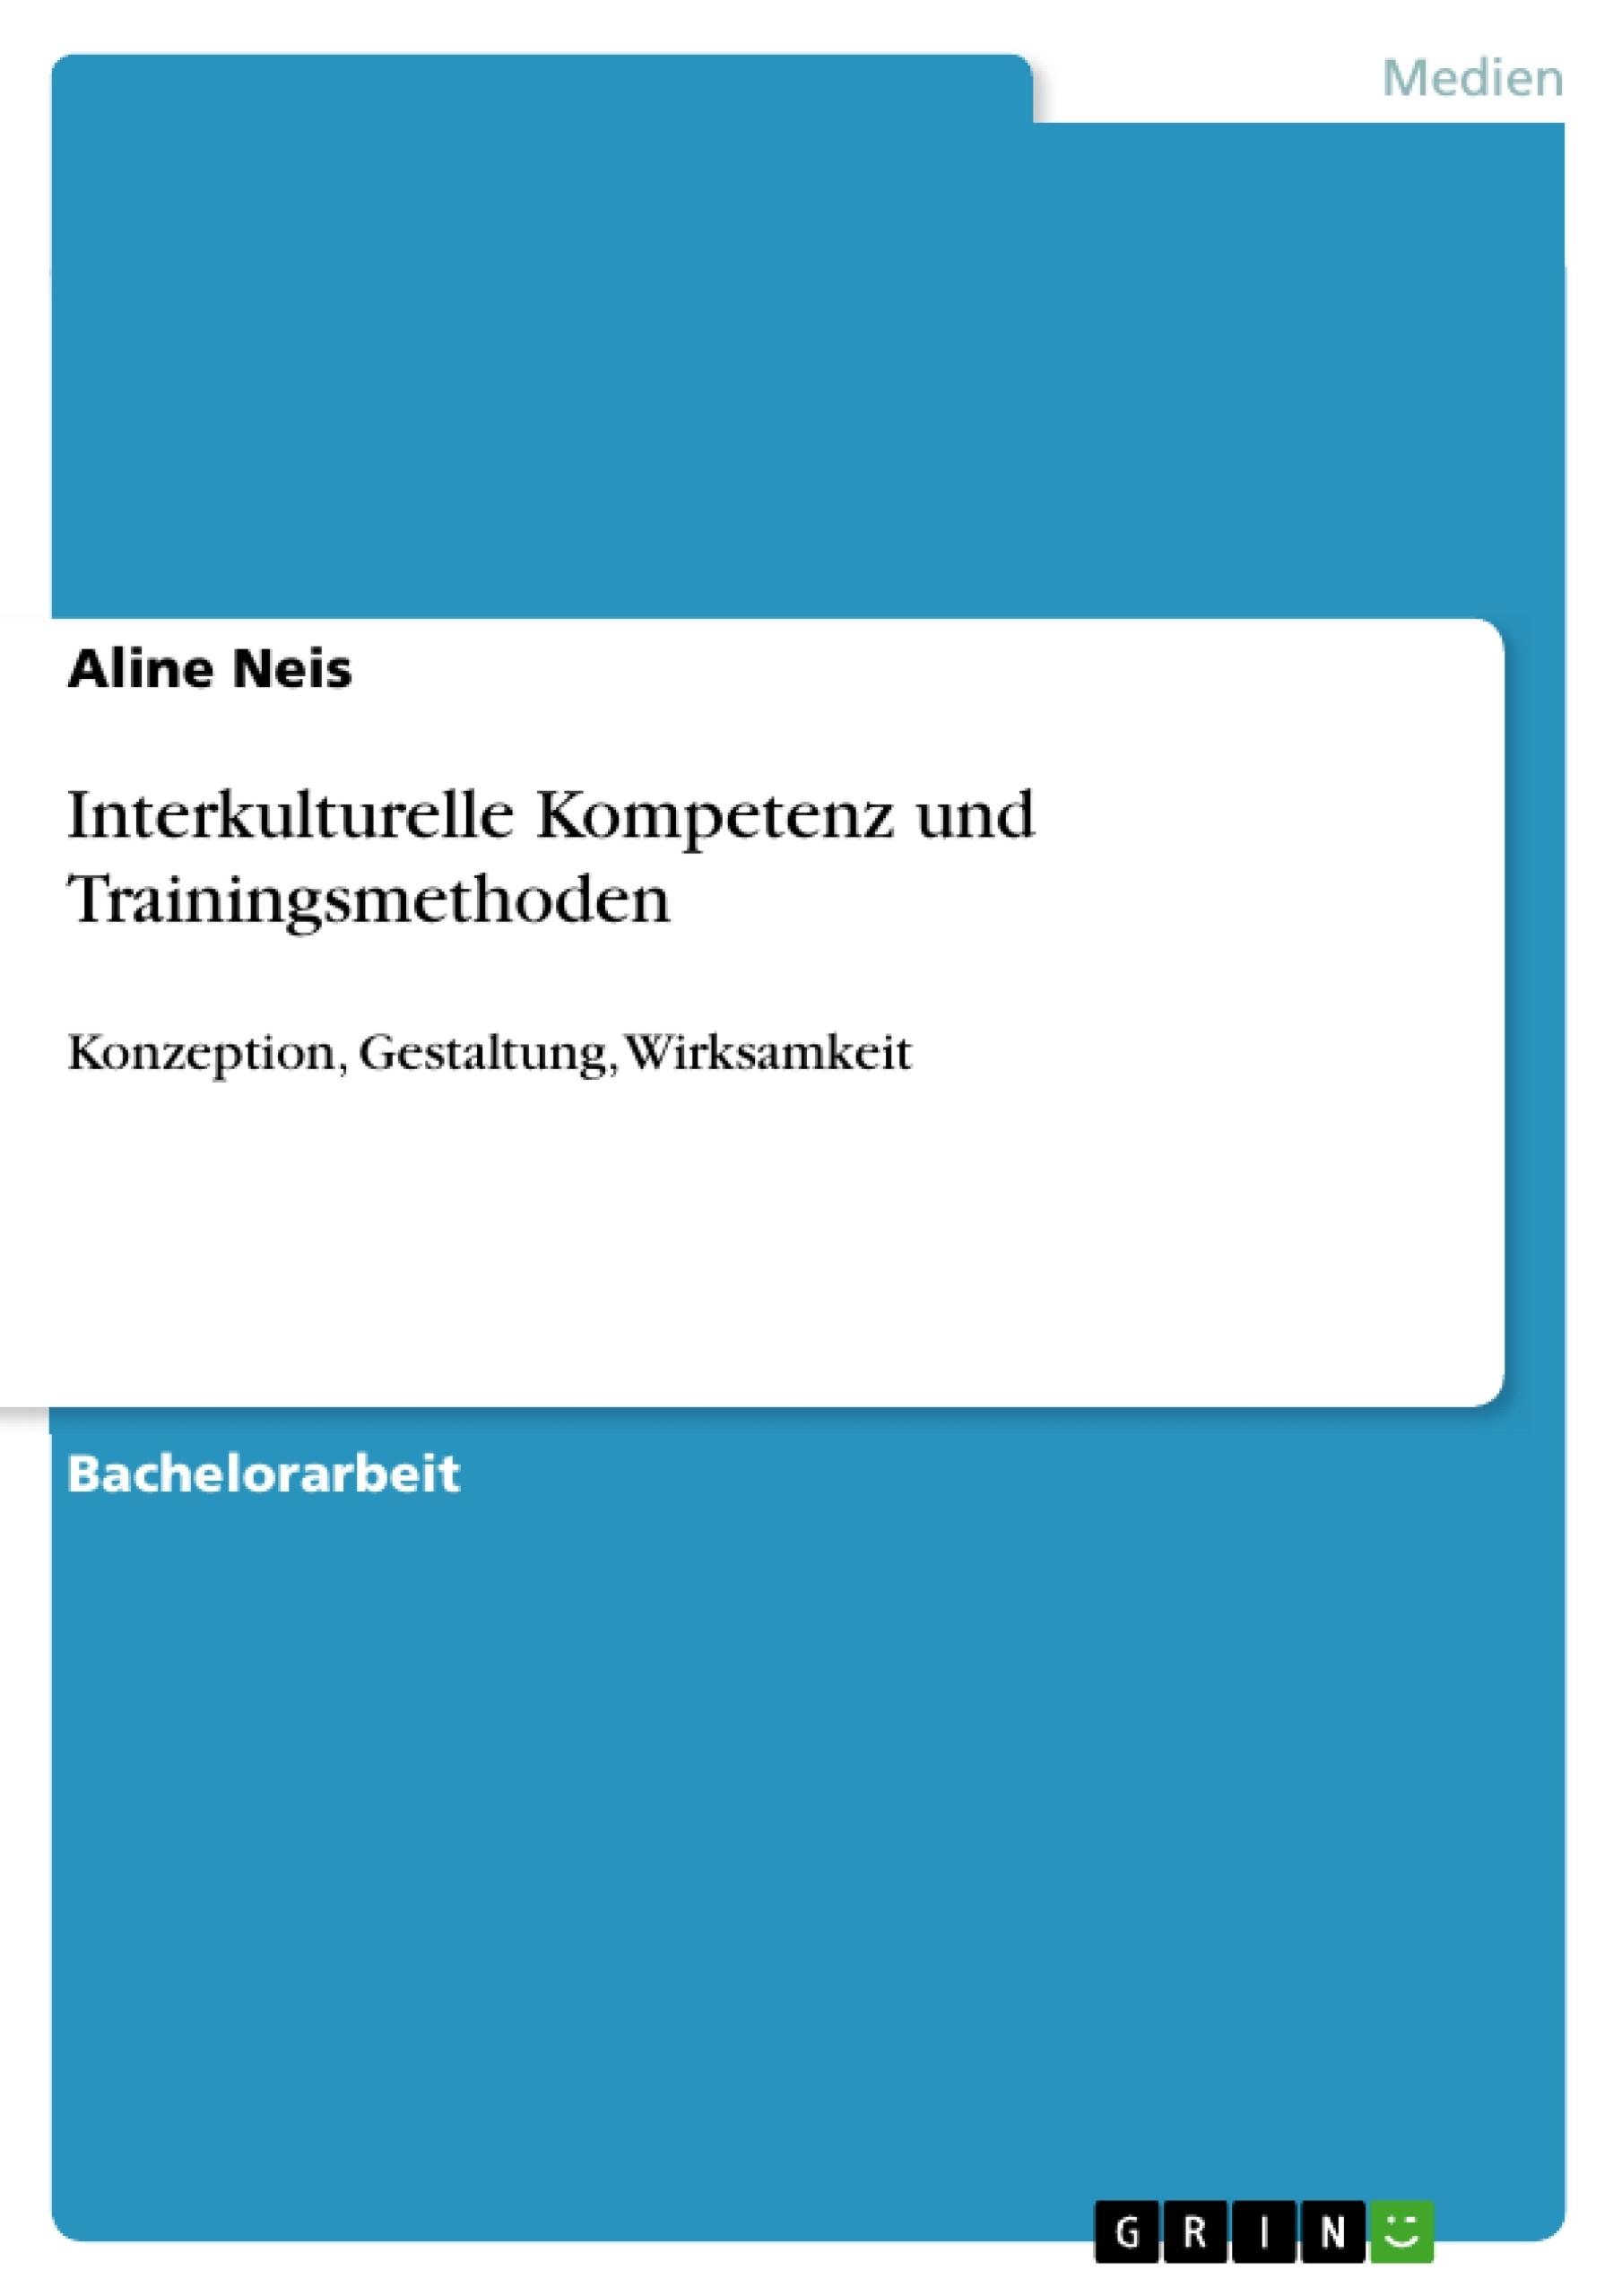 Titel: Interkulturelle Kompetenz und Trainingsmethoden